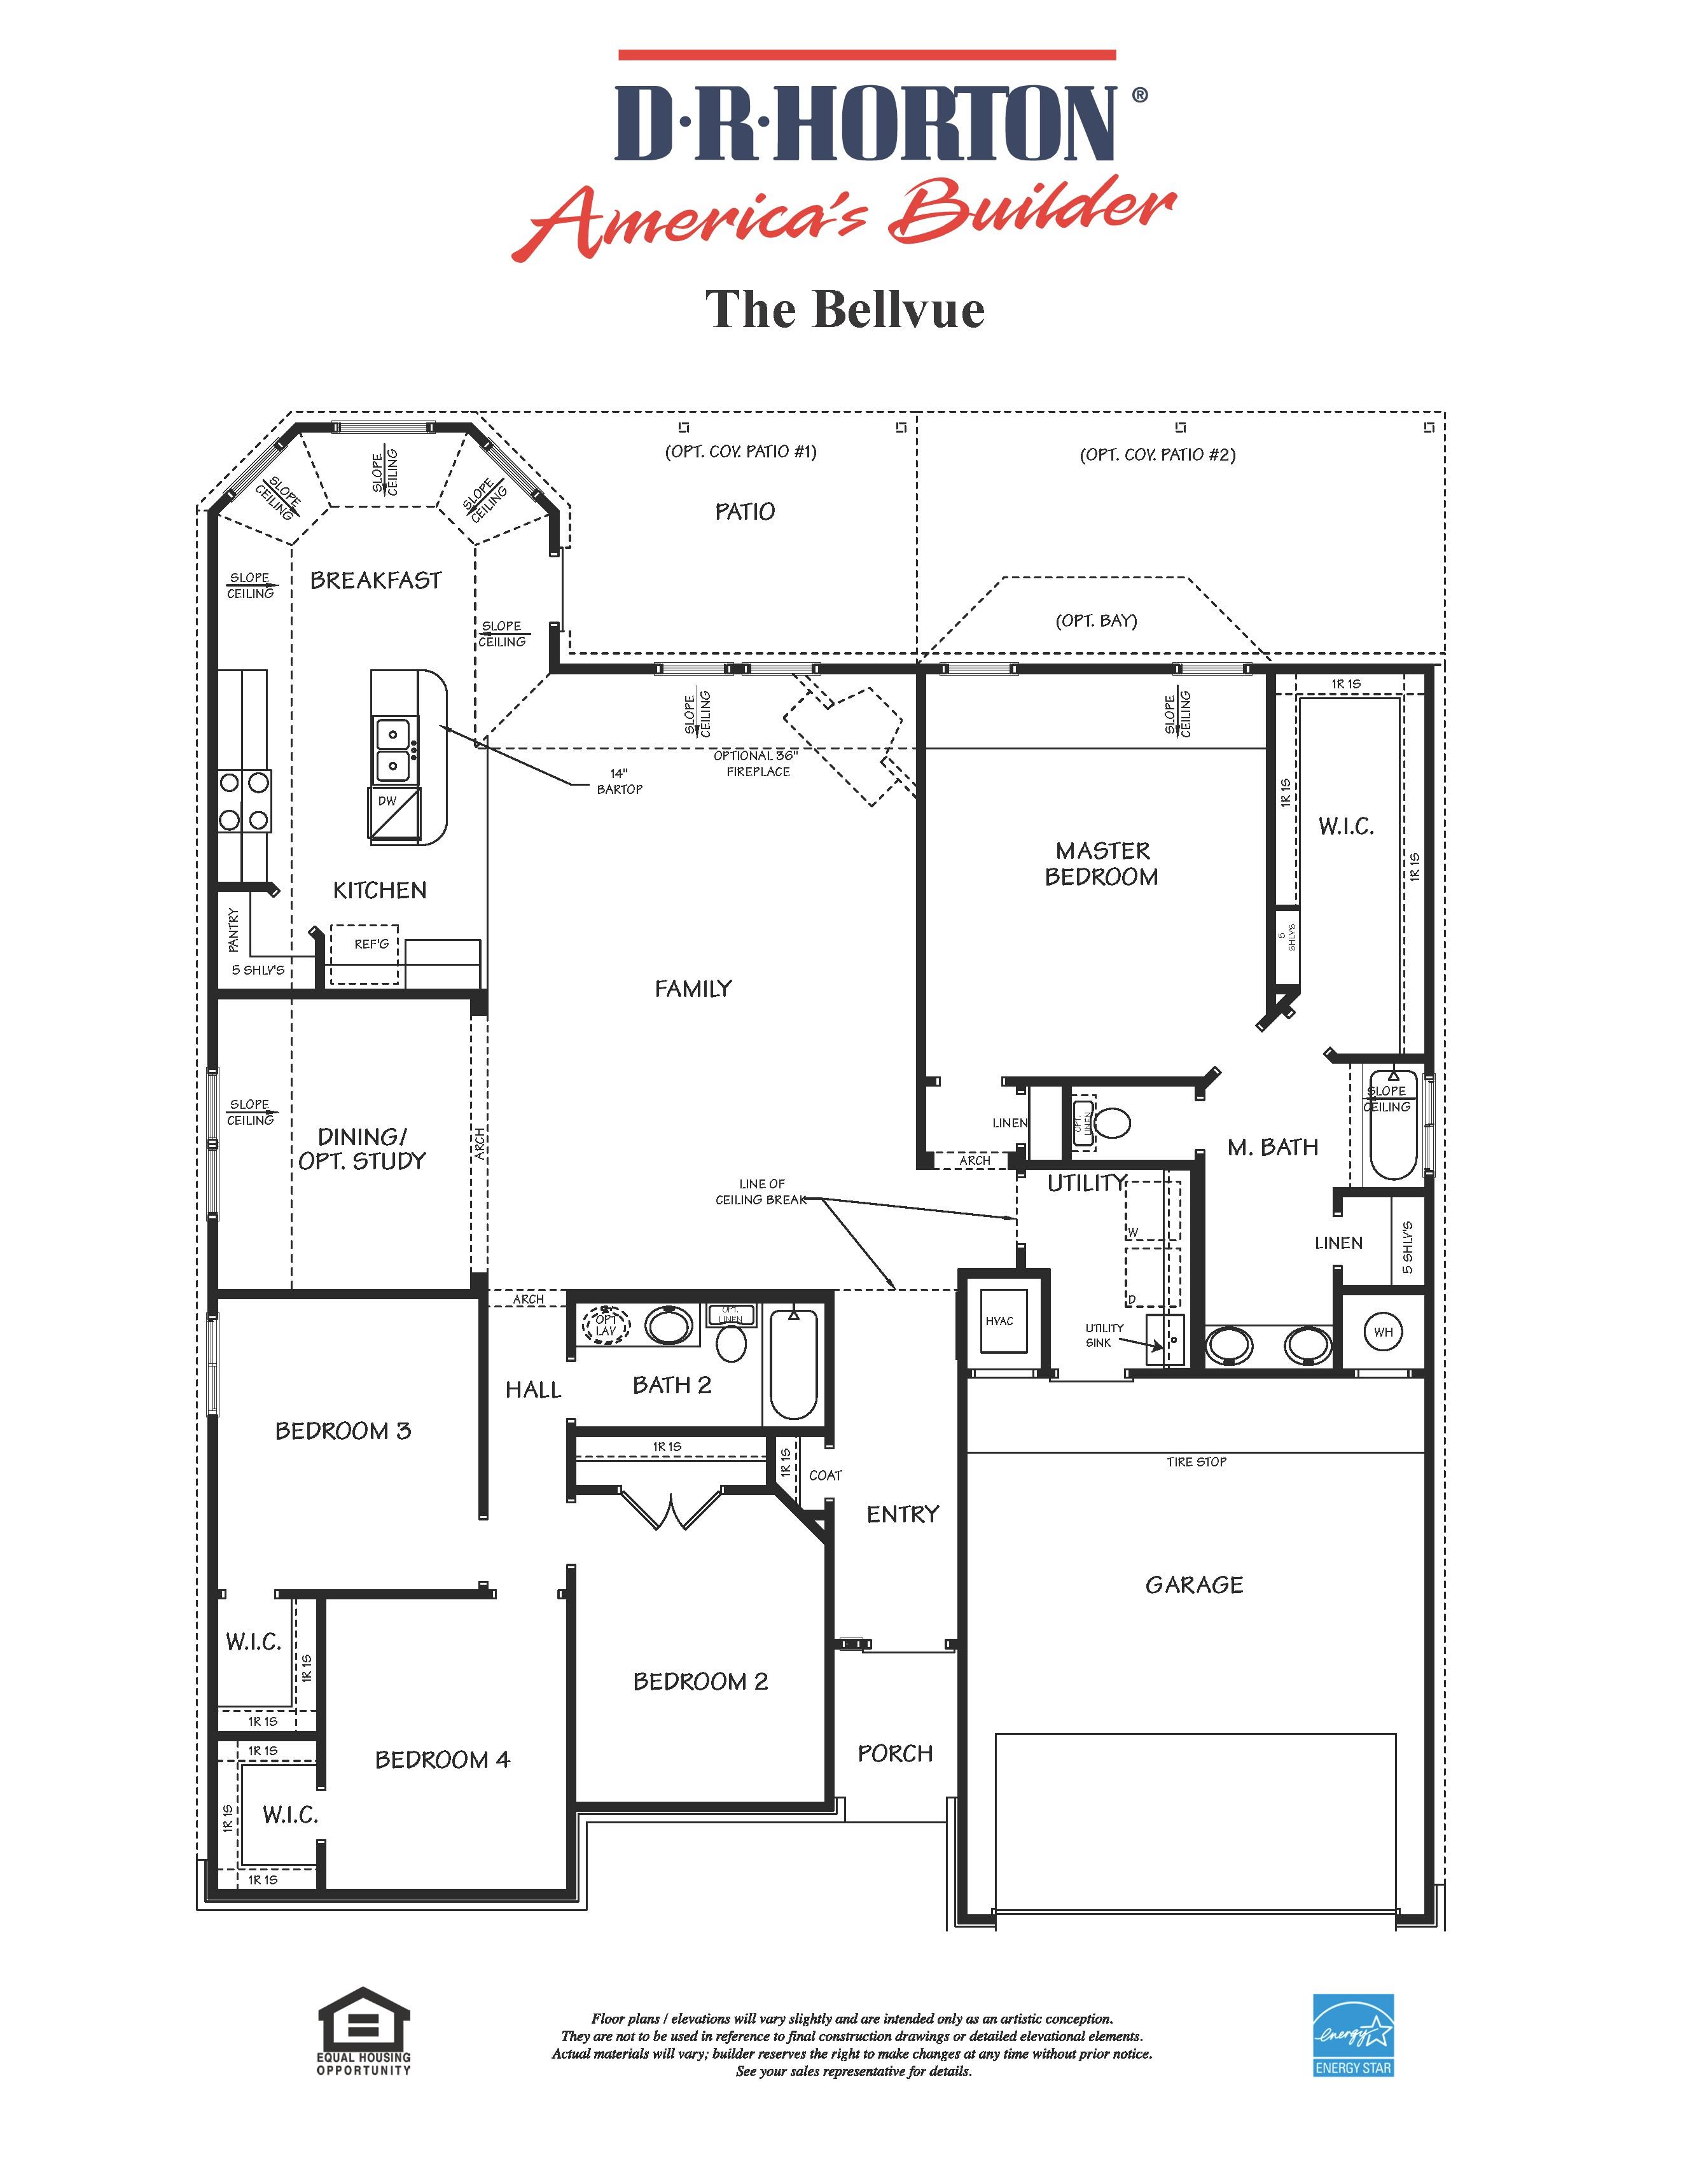 floor plans for dr horton homes